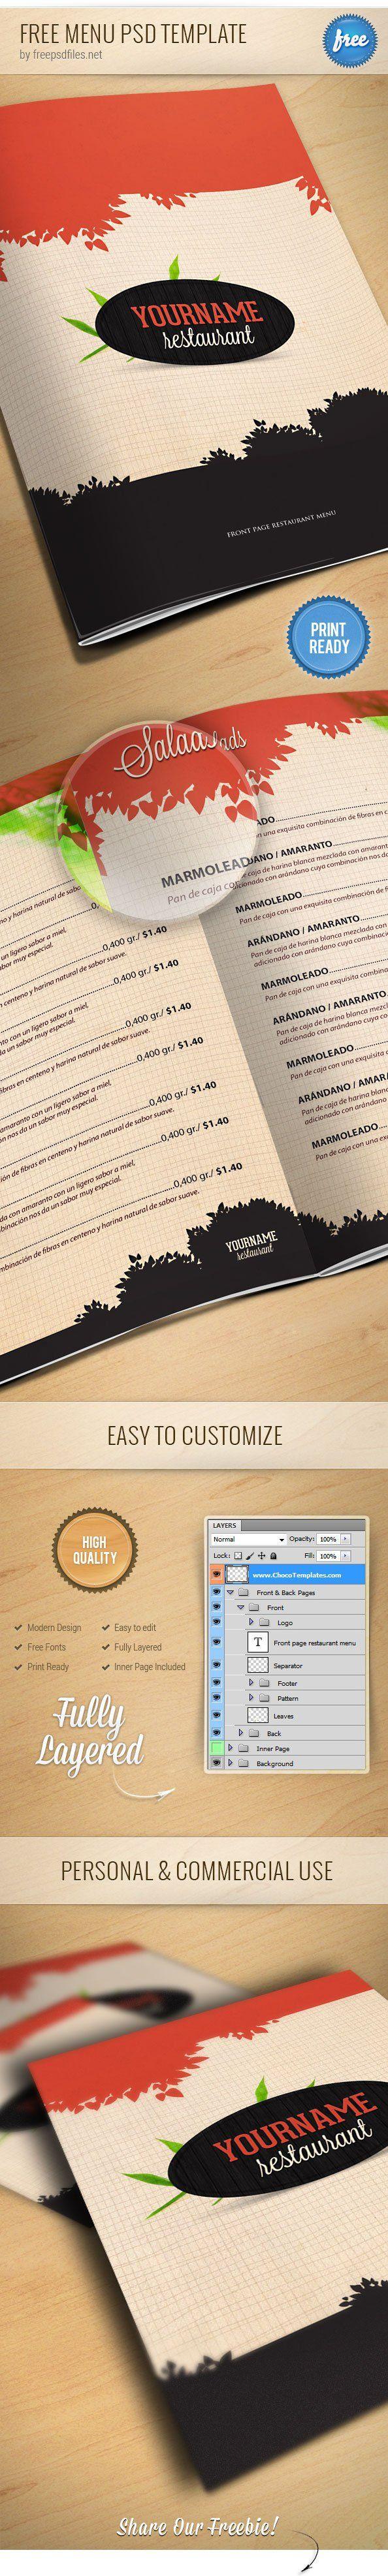 menu do restaurante psd template preview